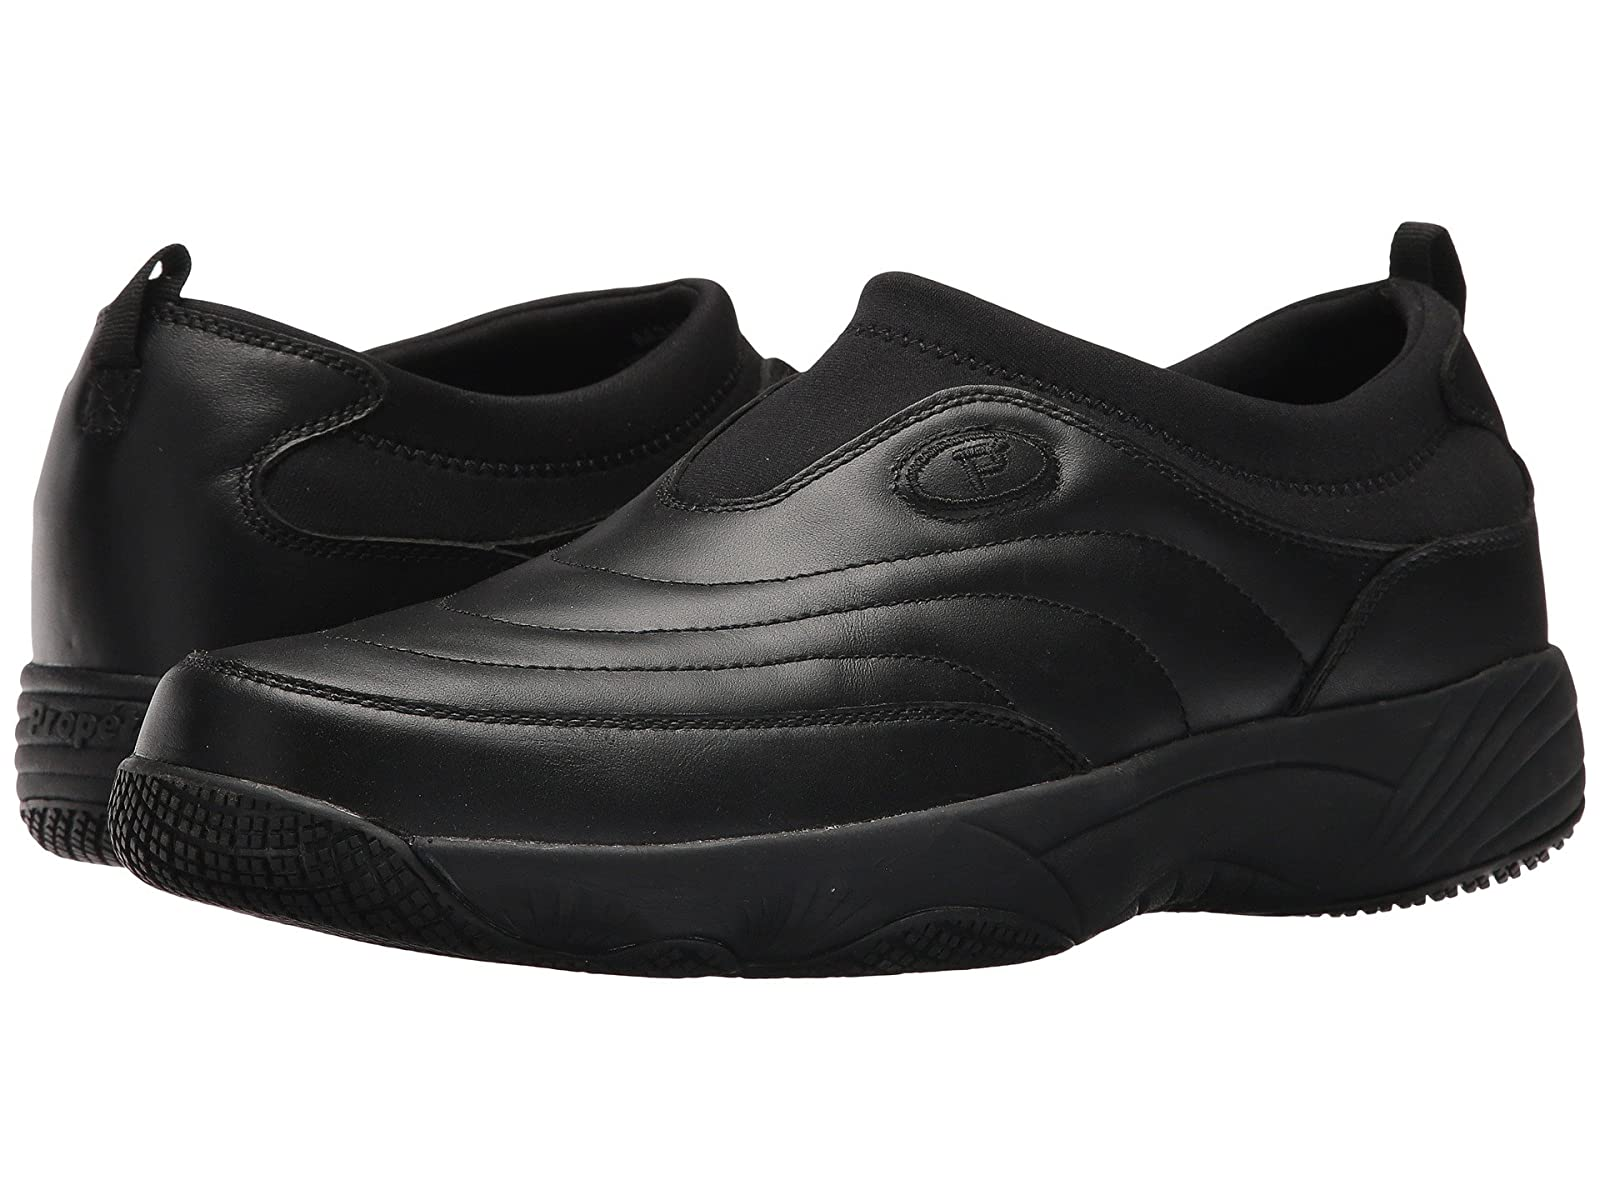 Propet Wash & Wear Slip-onAtmospheric grades have affordable shoes